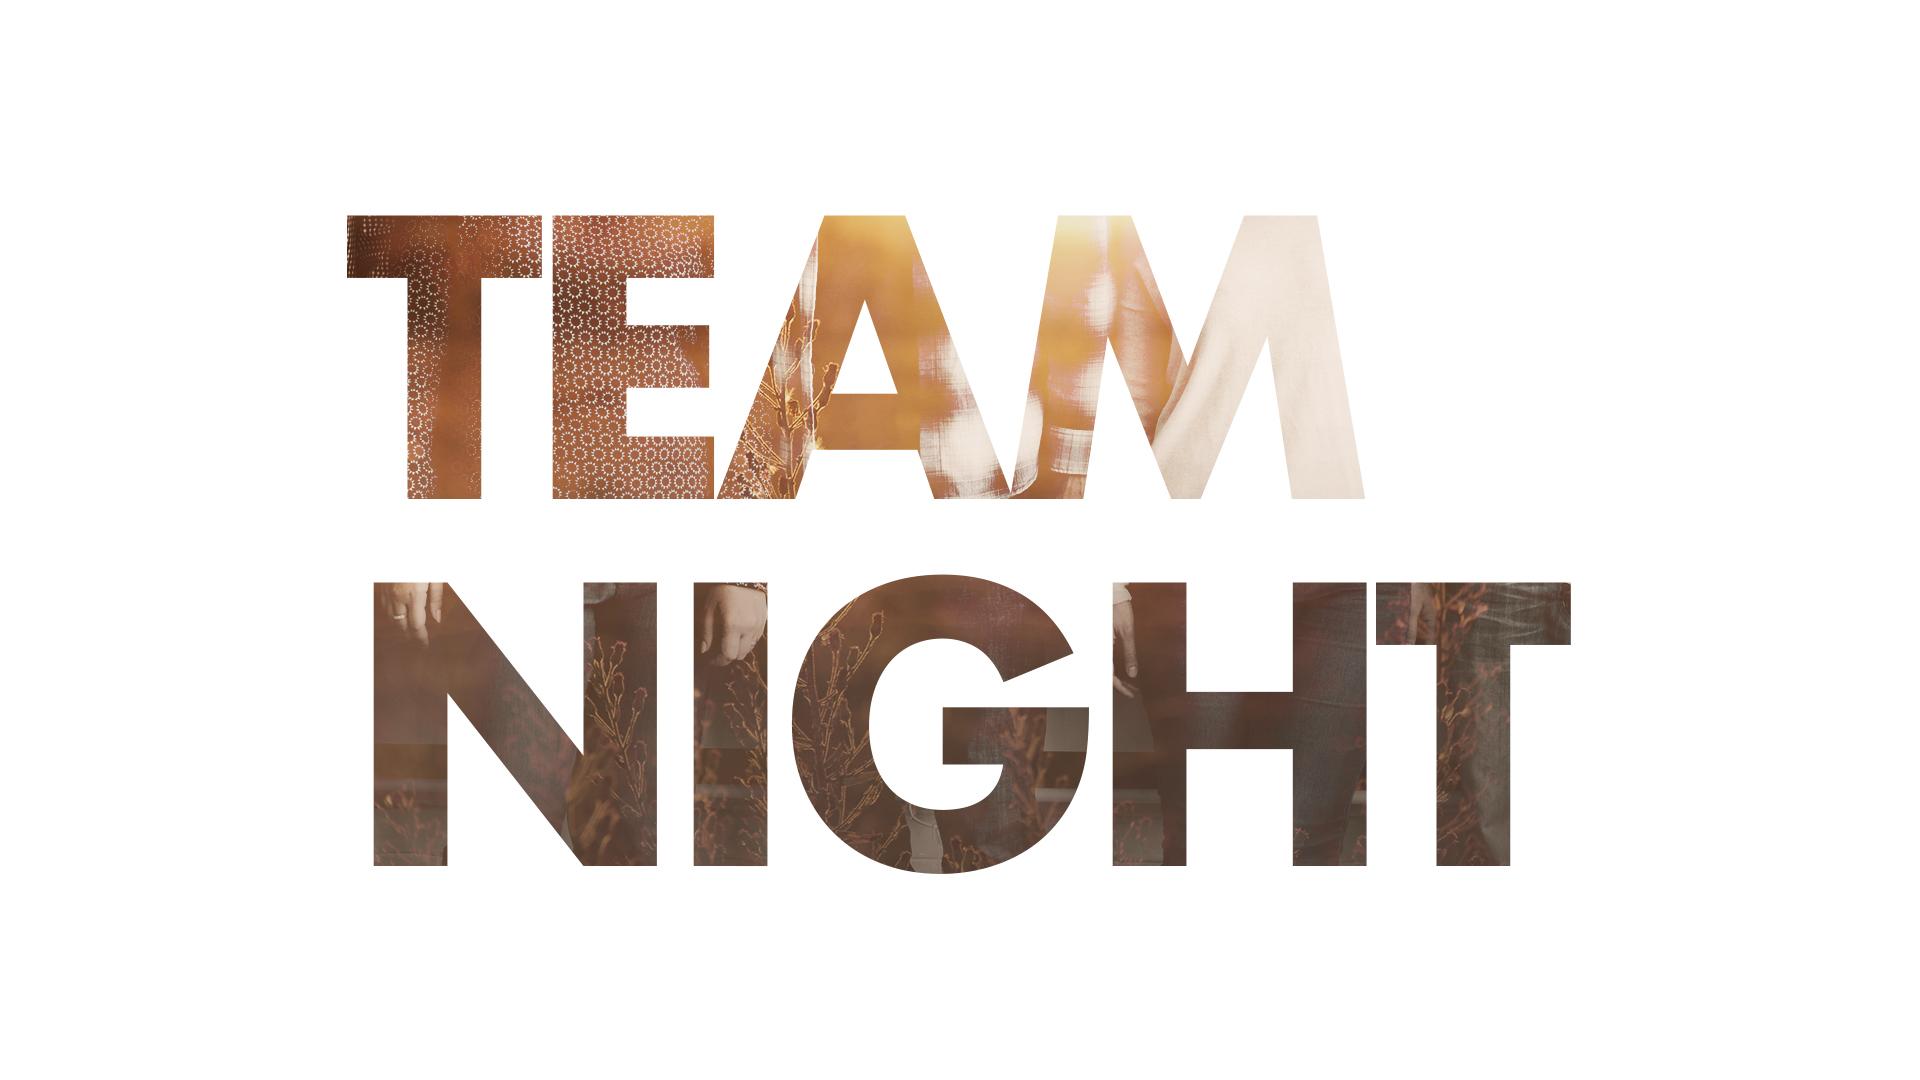 Team Night - Graphics